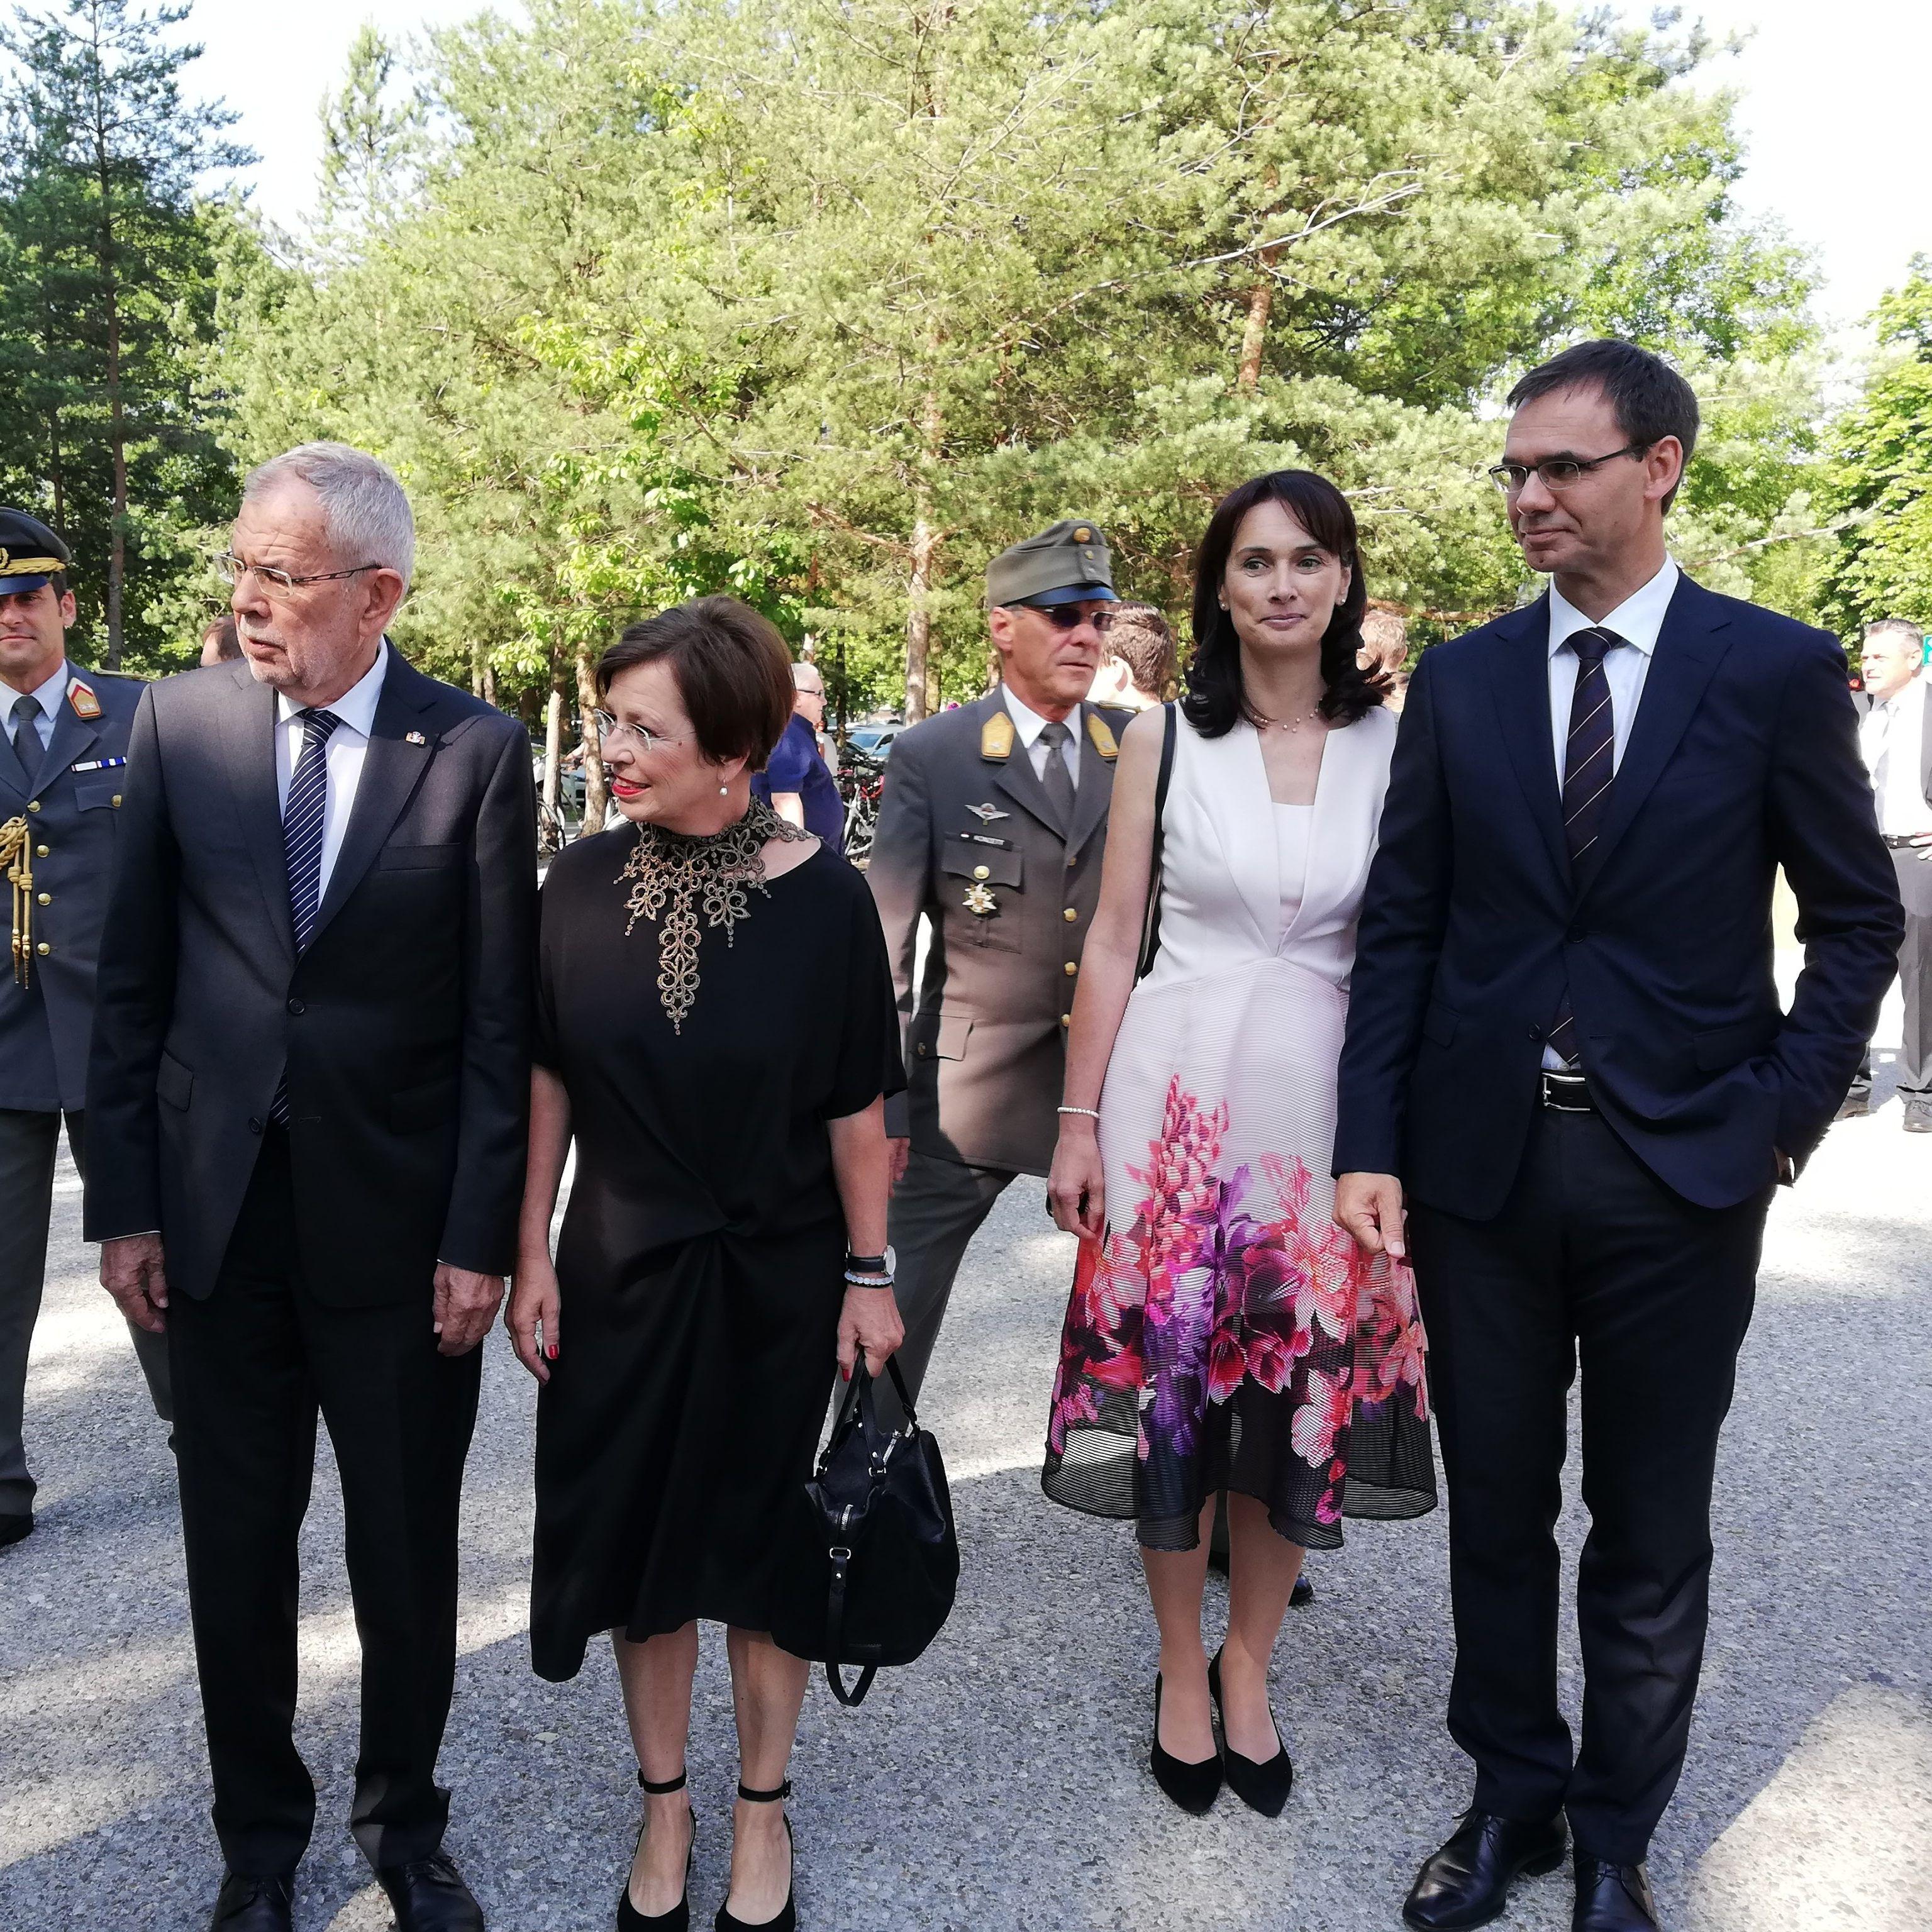 Partnersuche österreich vorarlberg